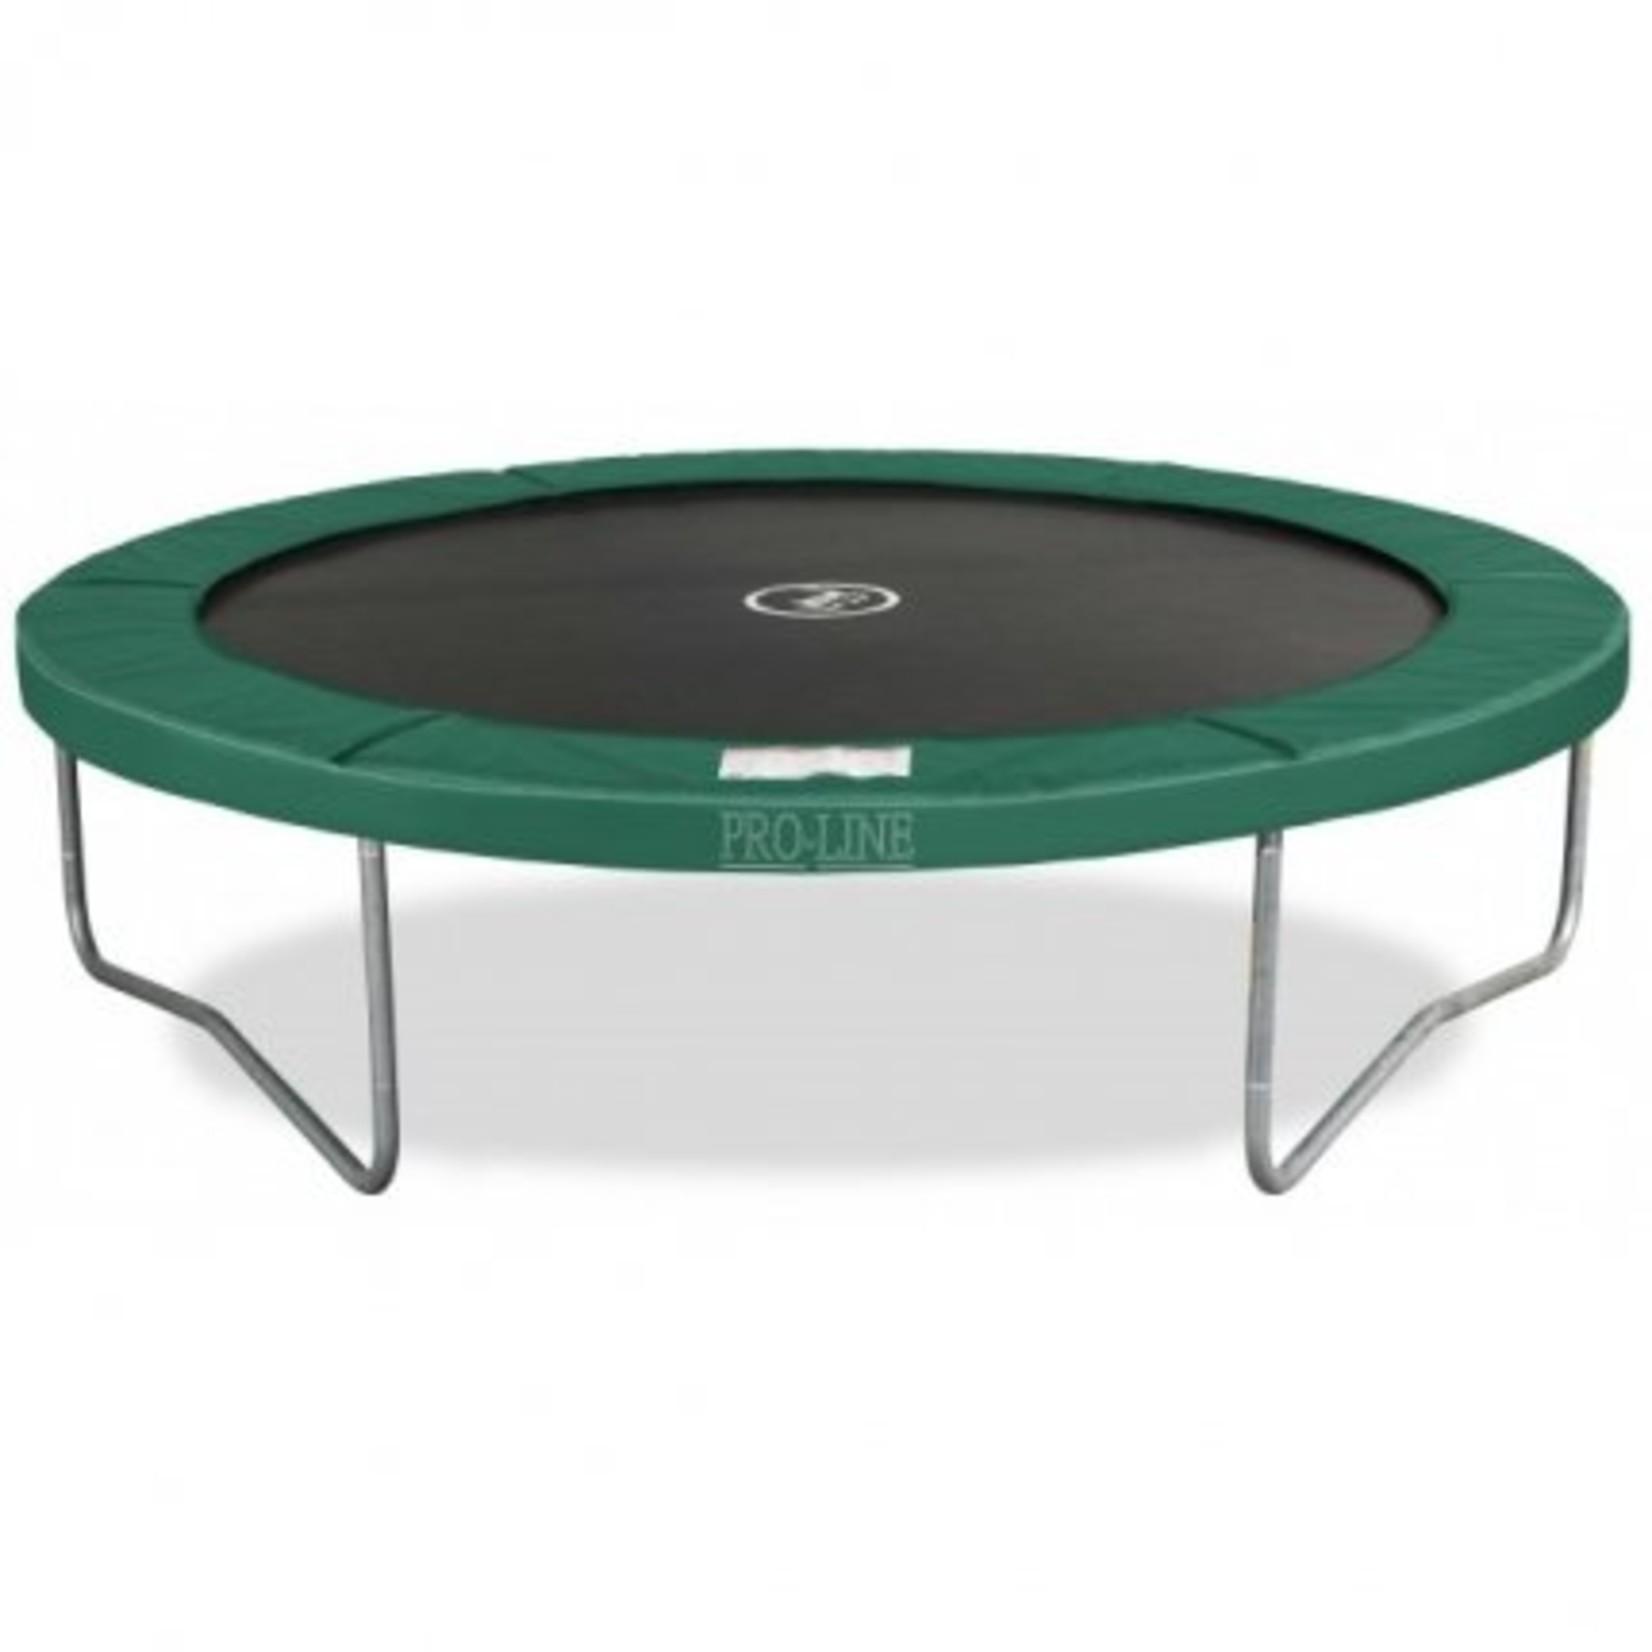 Avyna Top kwaliteit trampoline, die zeer veilig is en onderhoudsvriendelijk.Doorsnee 245cm en hoogte 67cm